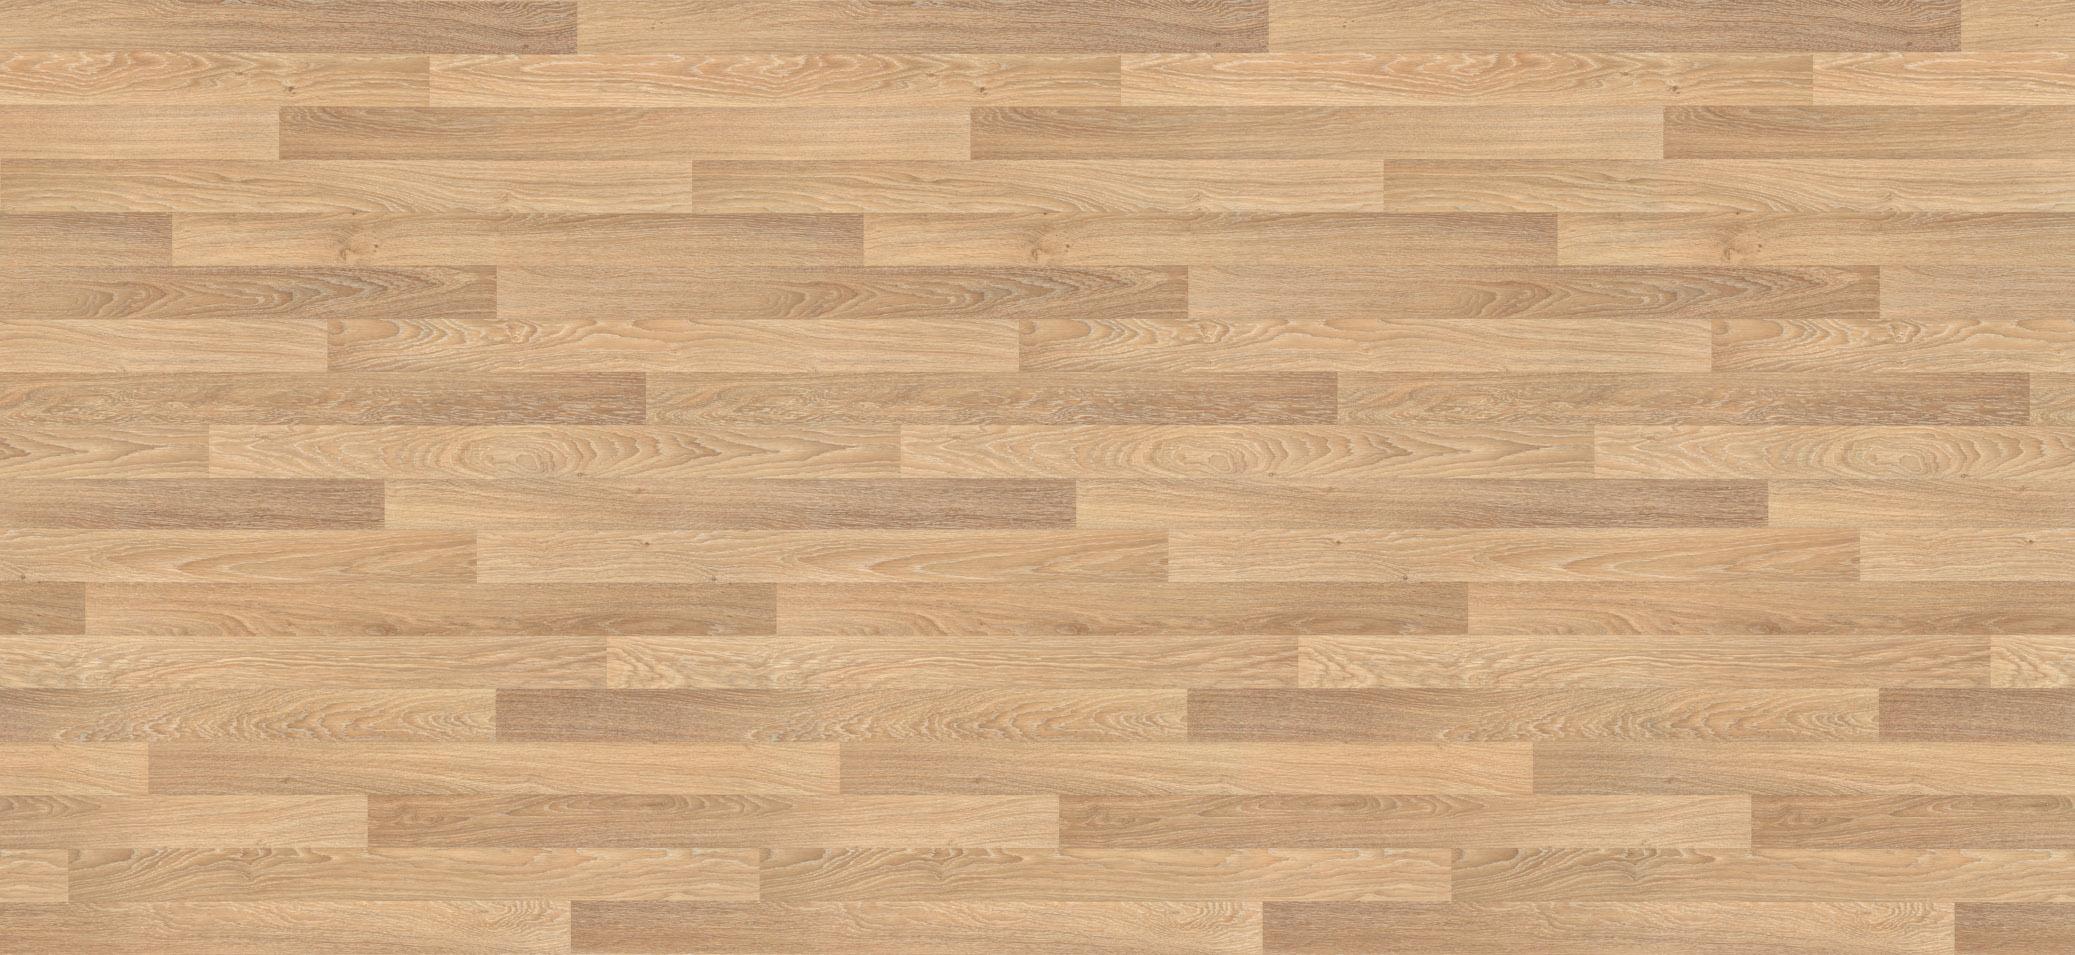 Recover Green Vorwerk wineo purline bioboden pacifik oak pur timber pb00037ti bodenheld24 de ihr shop für